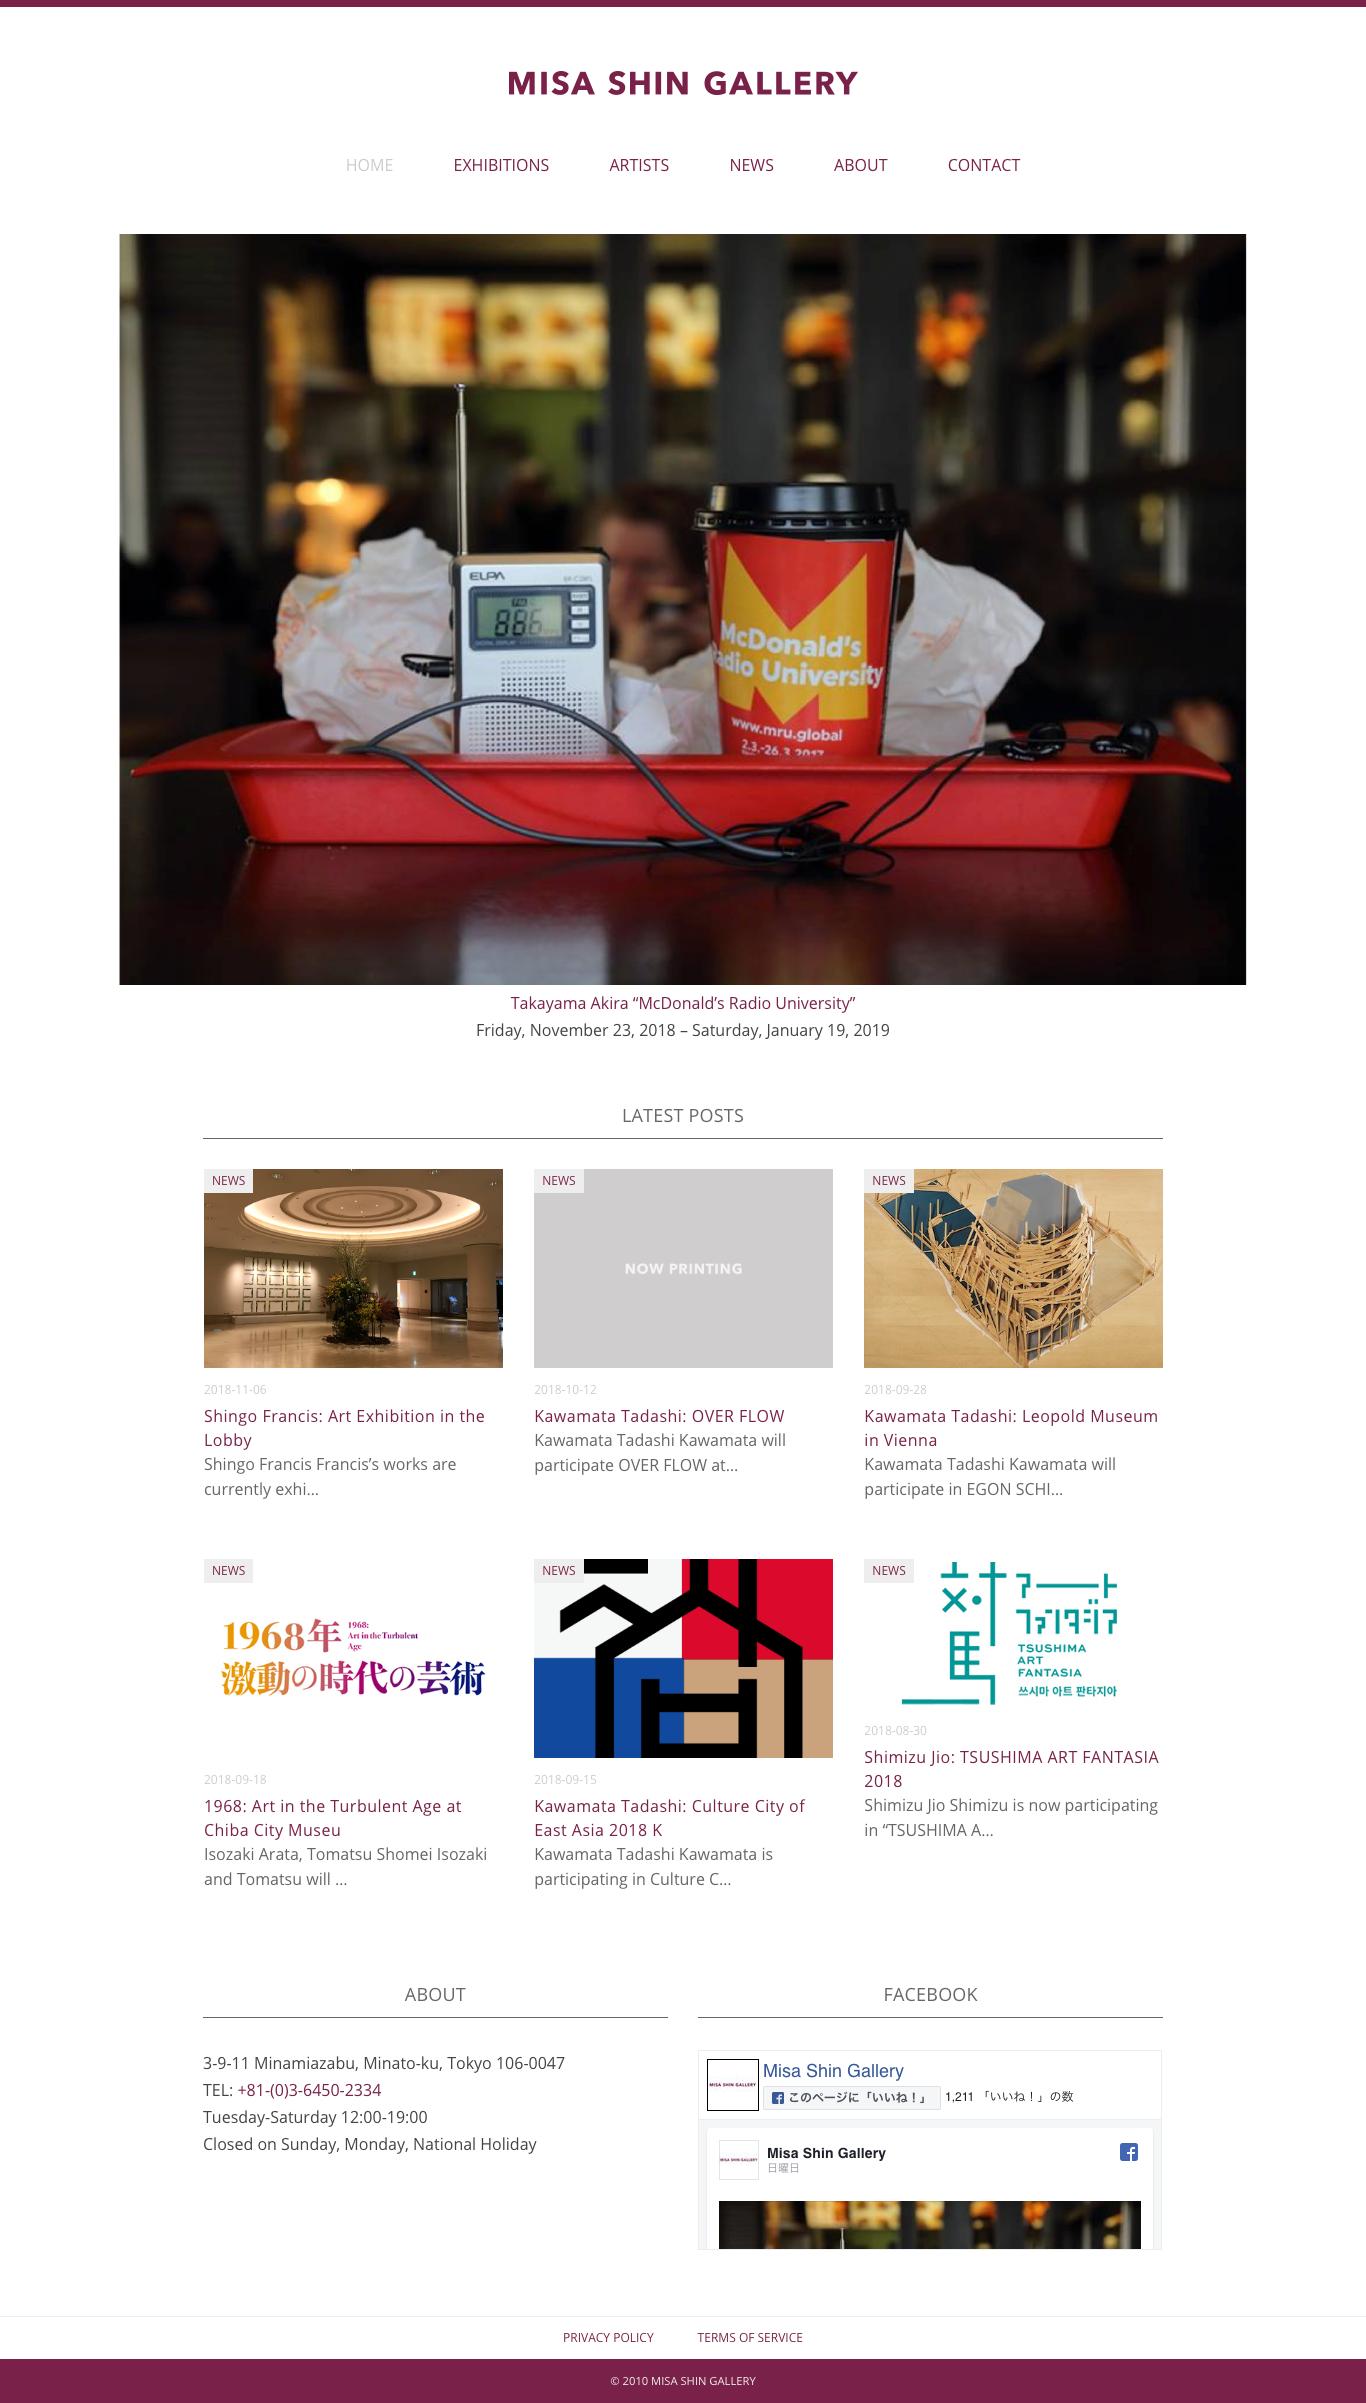 MISA SHIN GALLERY ウェブサイトリニューアル